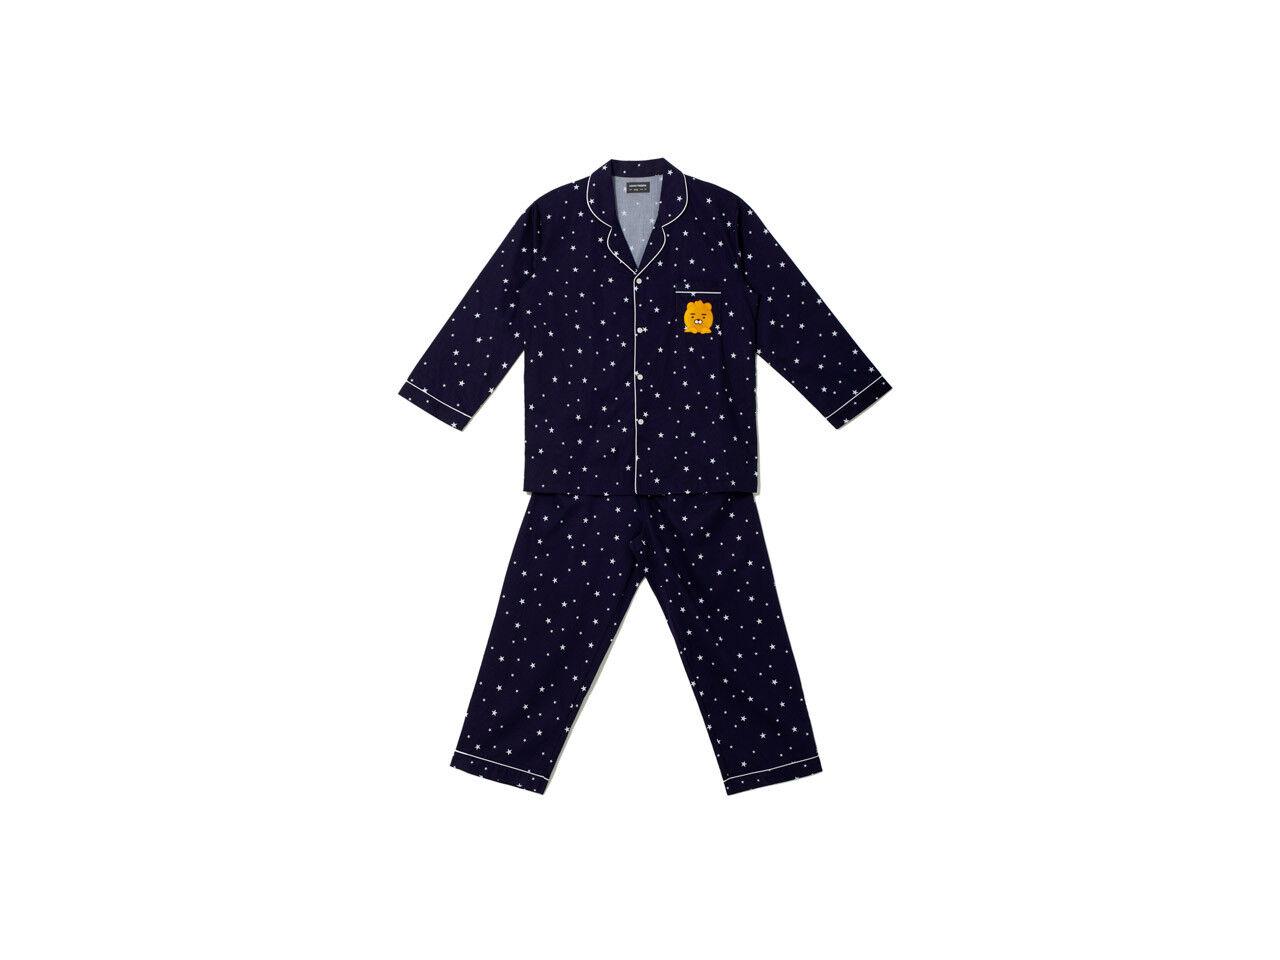 Kakao Friends Star Pattern pyjamas pour hommes Ryan Pyjamas 100% coton